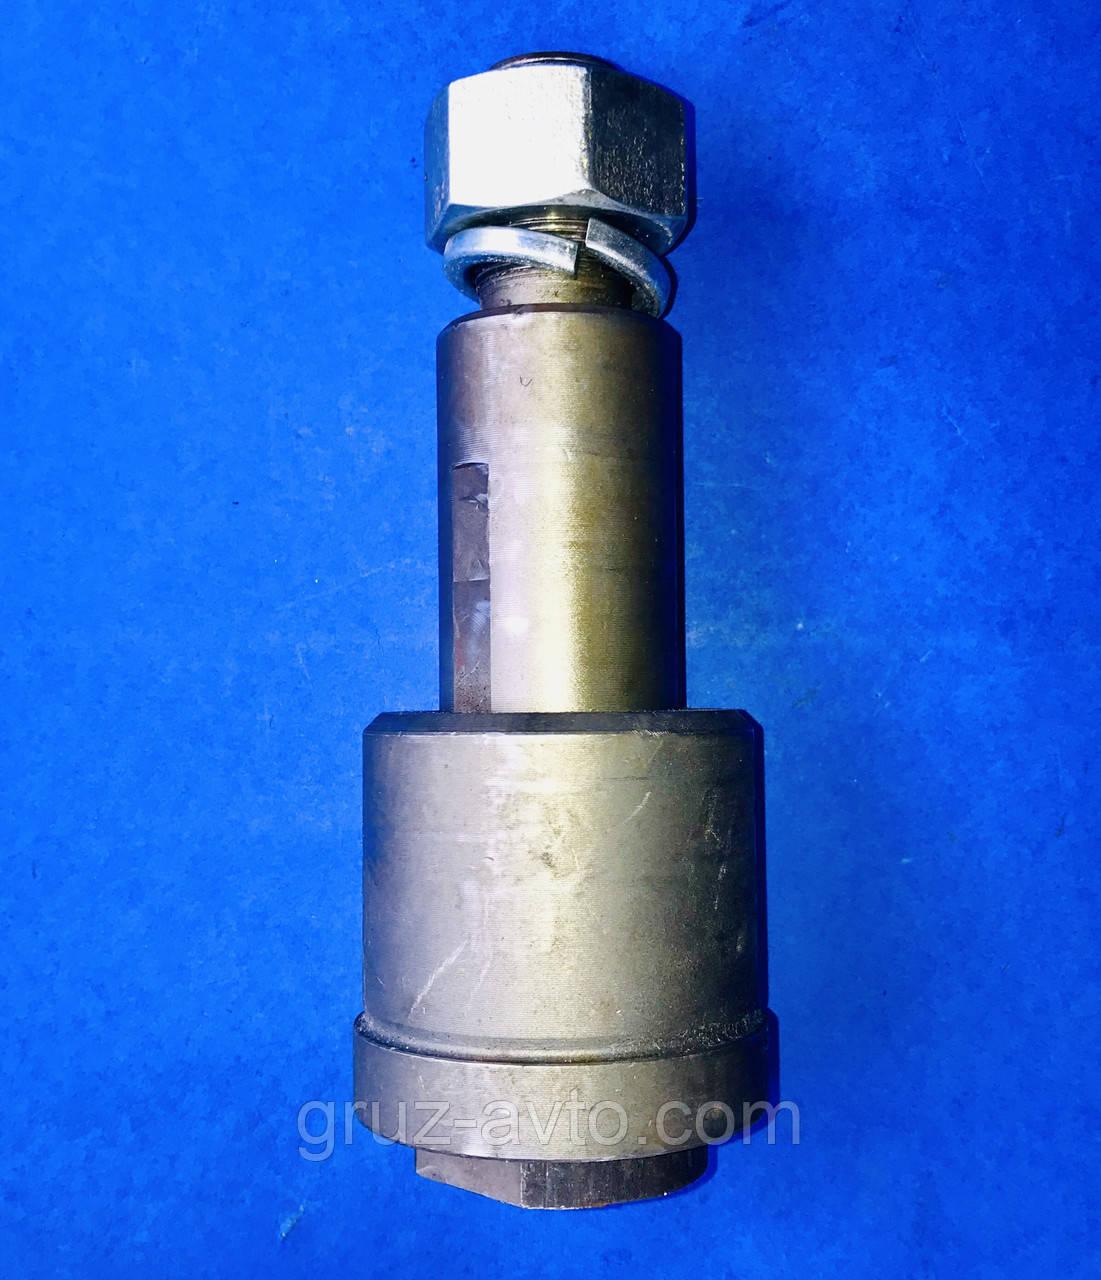 Палець дишла причепа Камаз в зборі з гайкою і втулкою L-170 мм